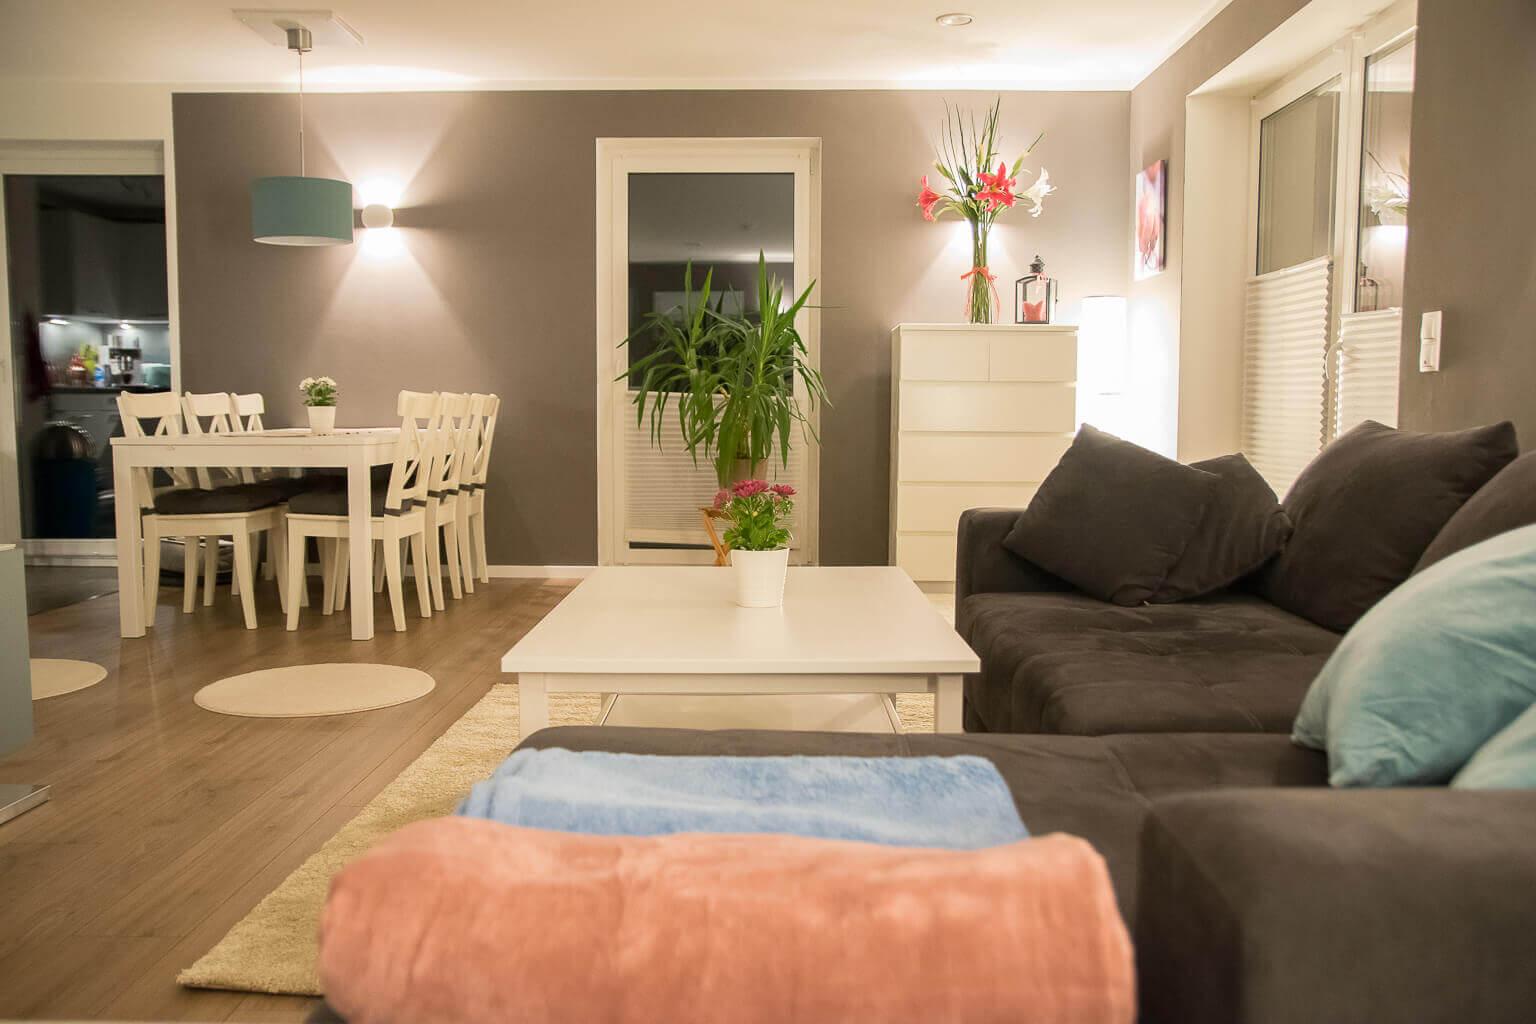 Full Size of Schöne Wohnzimmer Decken Wohnzimmer Decken Gestalten Wohnzimmer Decken Paneele Wohnzimmer Decken Beispiel Wohnzimmer Wohnzimmer Decken